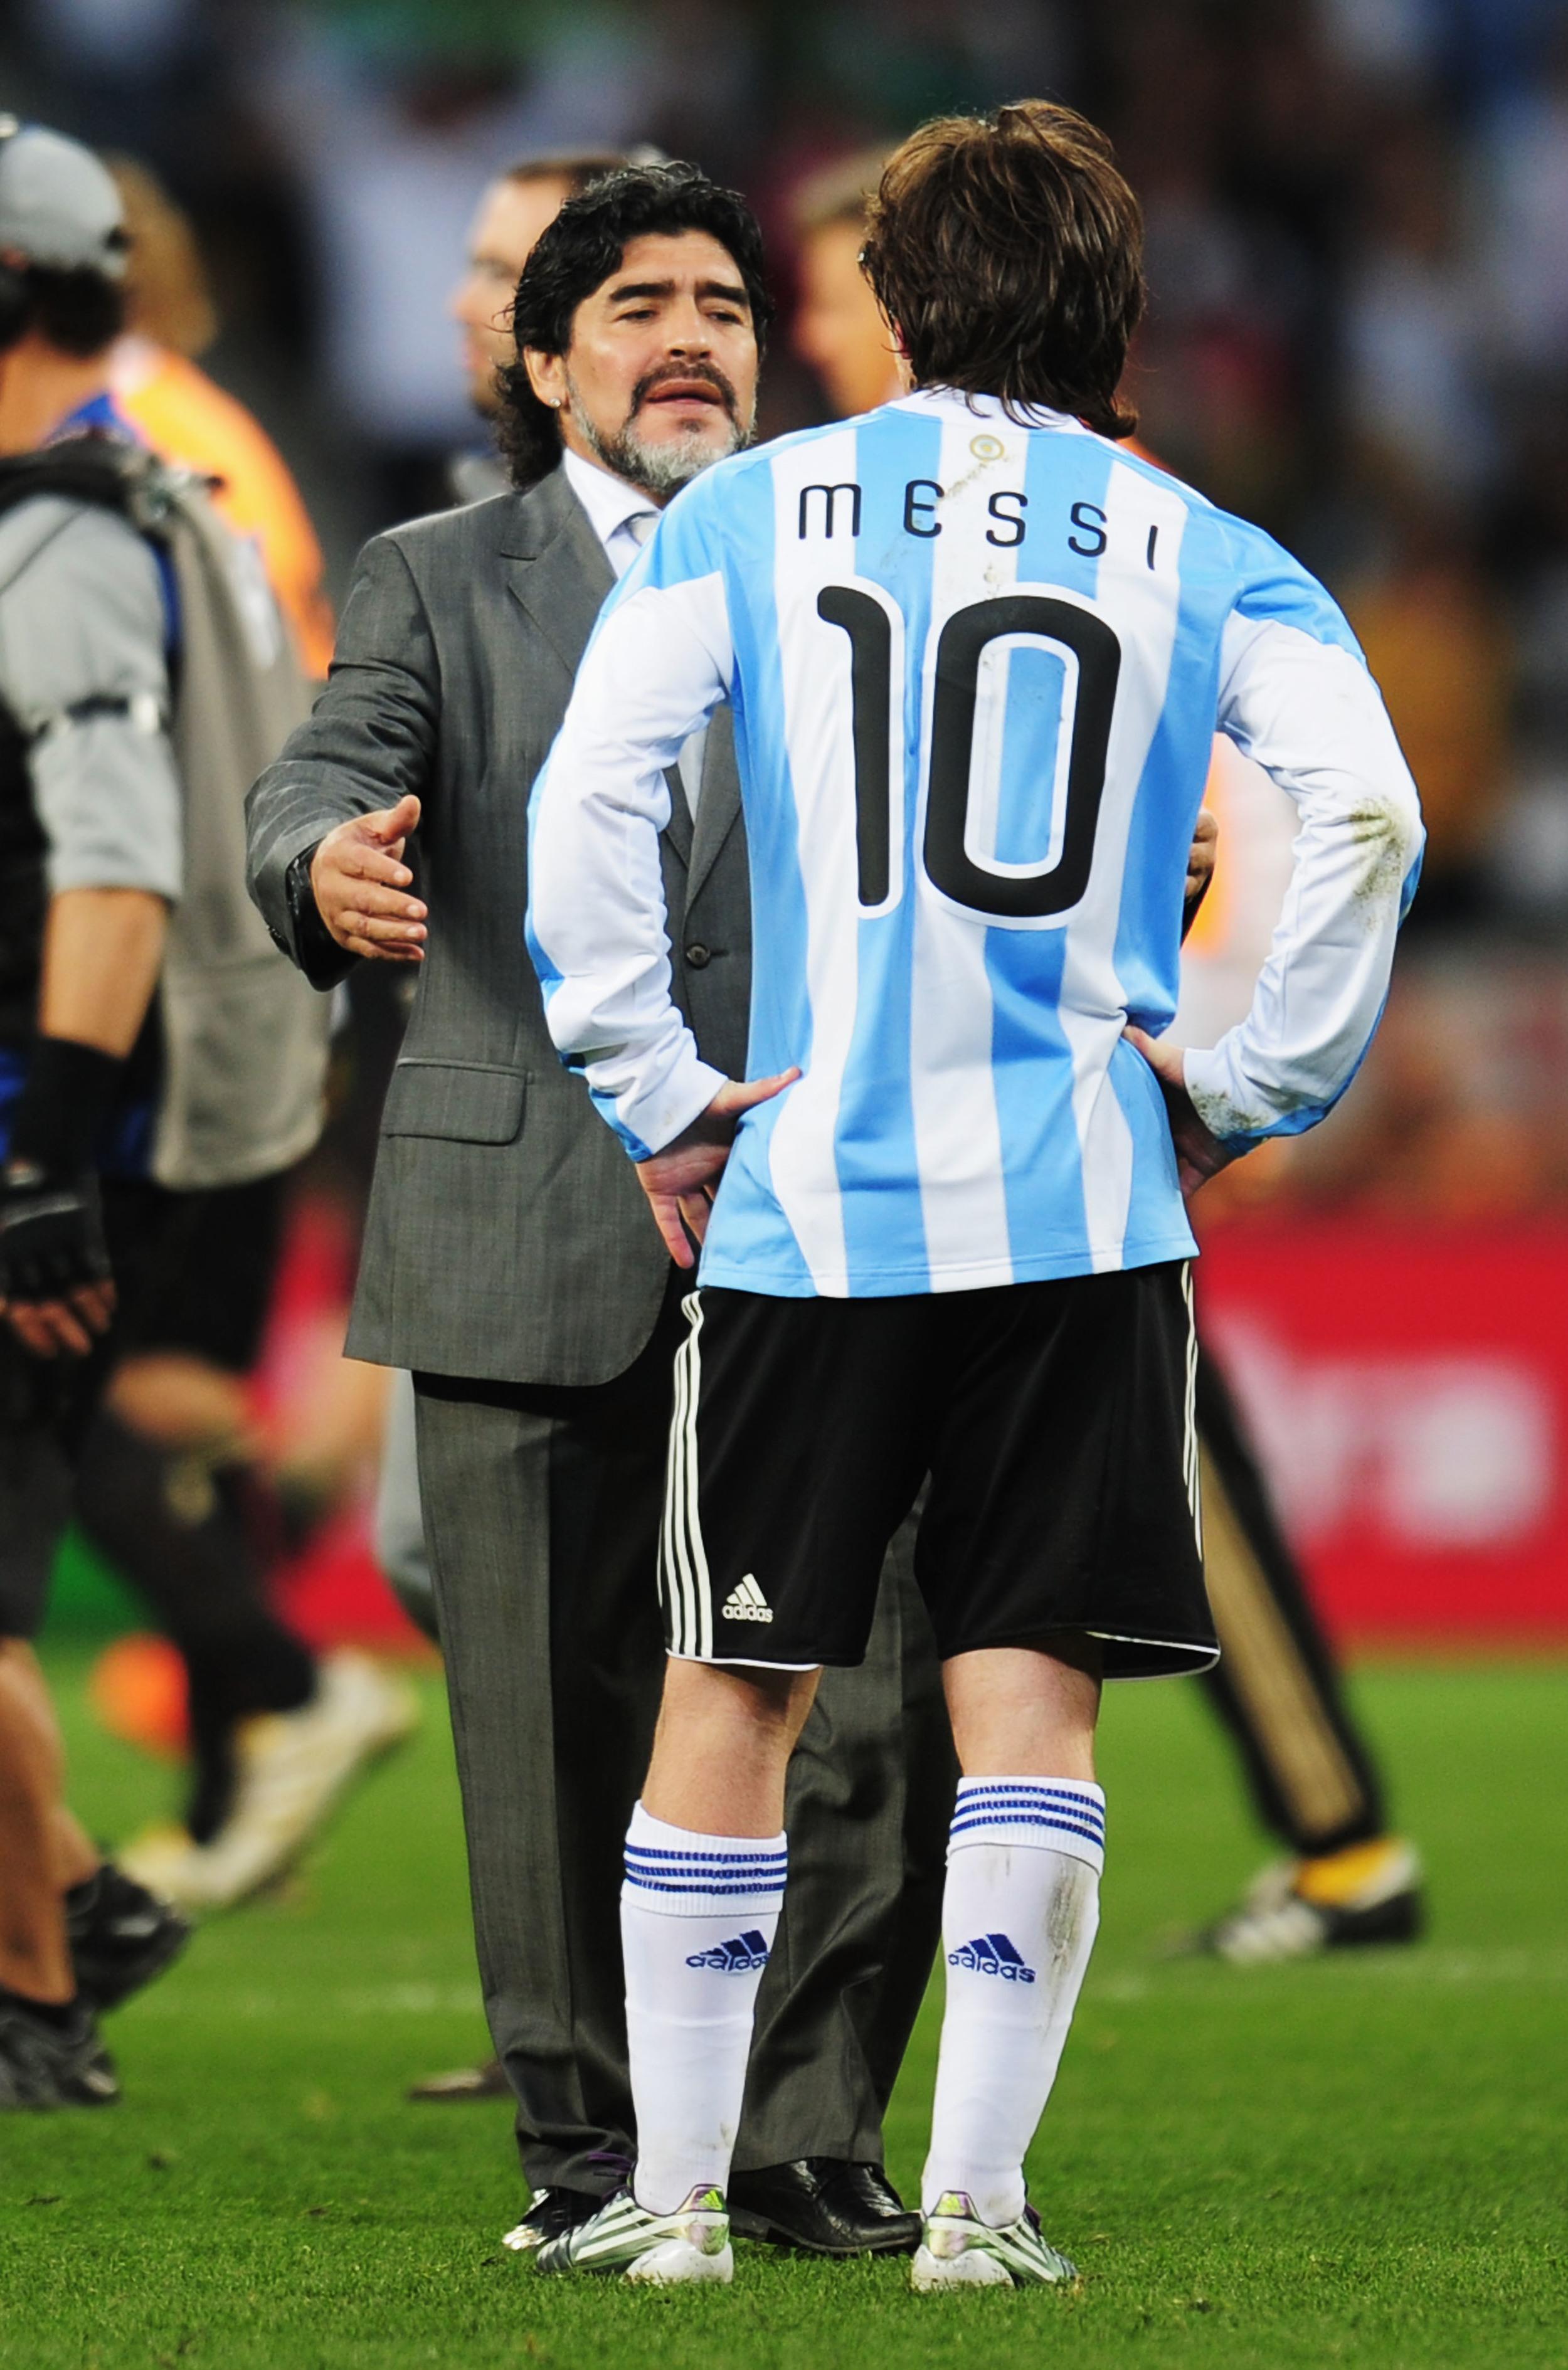 VM 2010 var Diego Maradona træner for Argentina og for Lionel Messi. Foto: Getty Images/Shaun Botterill